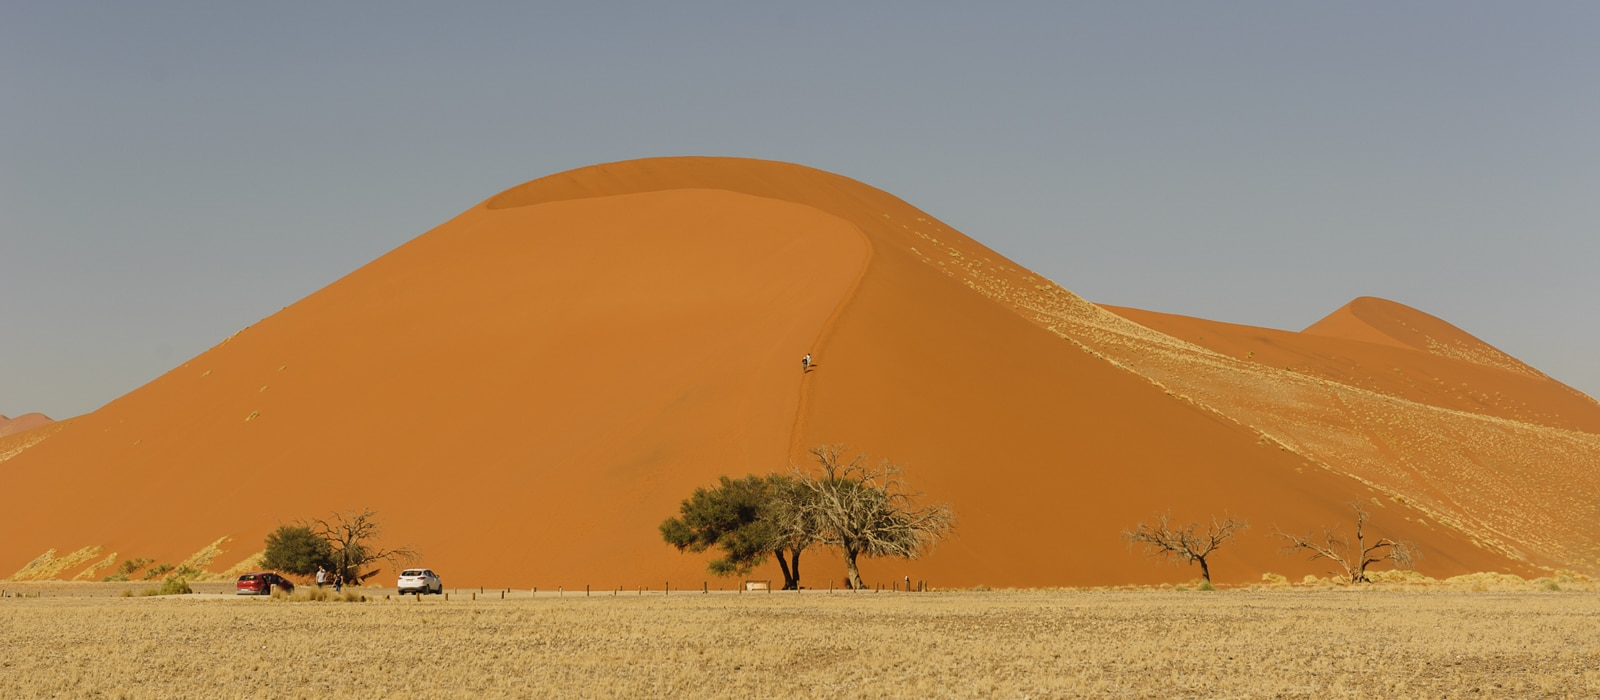 Dune 45 à Sossusvlei, Namibie - les Routes du Monde